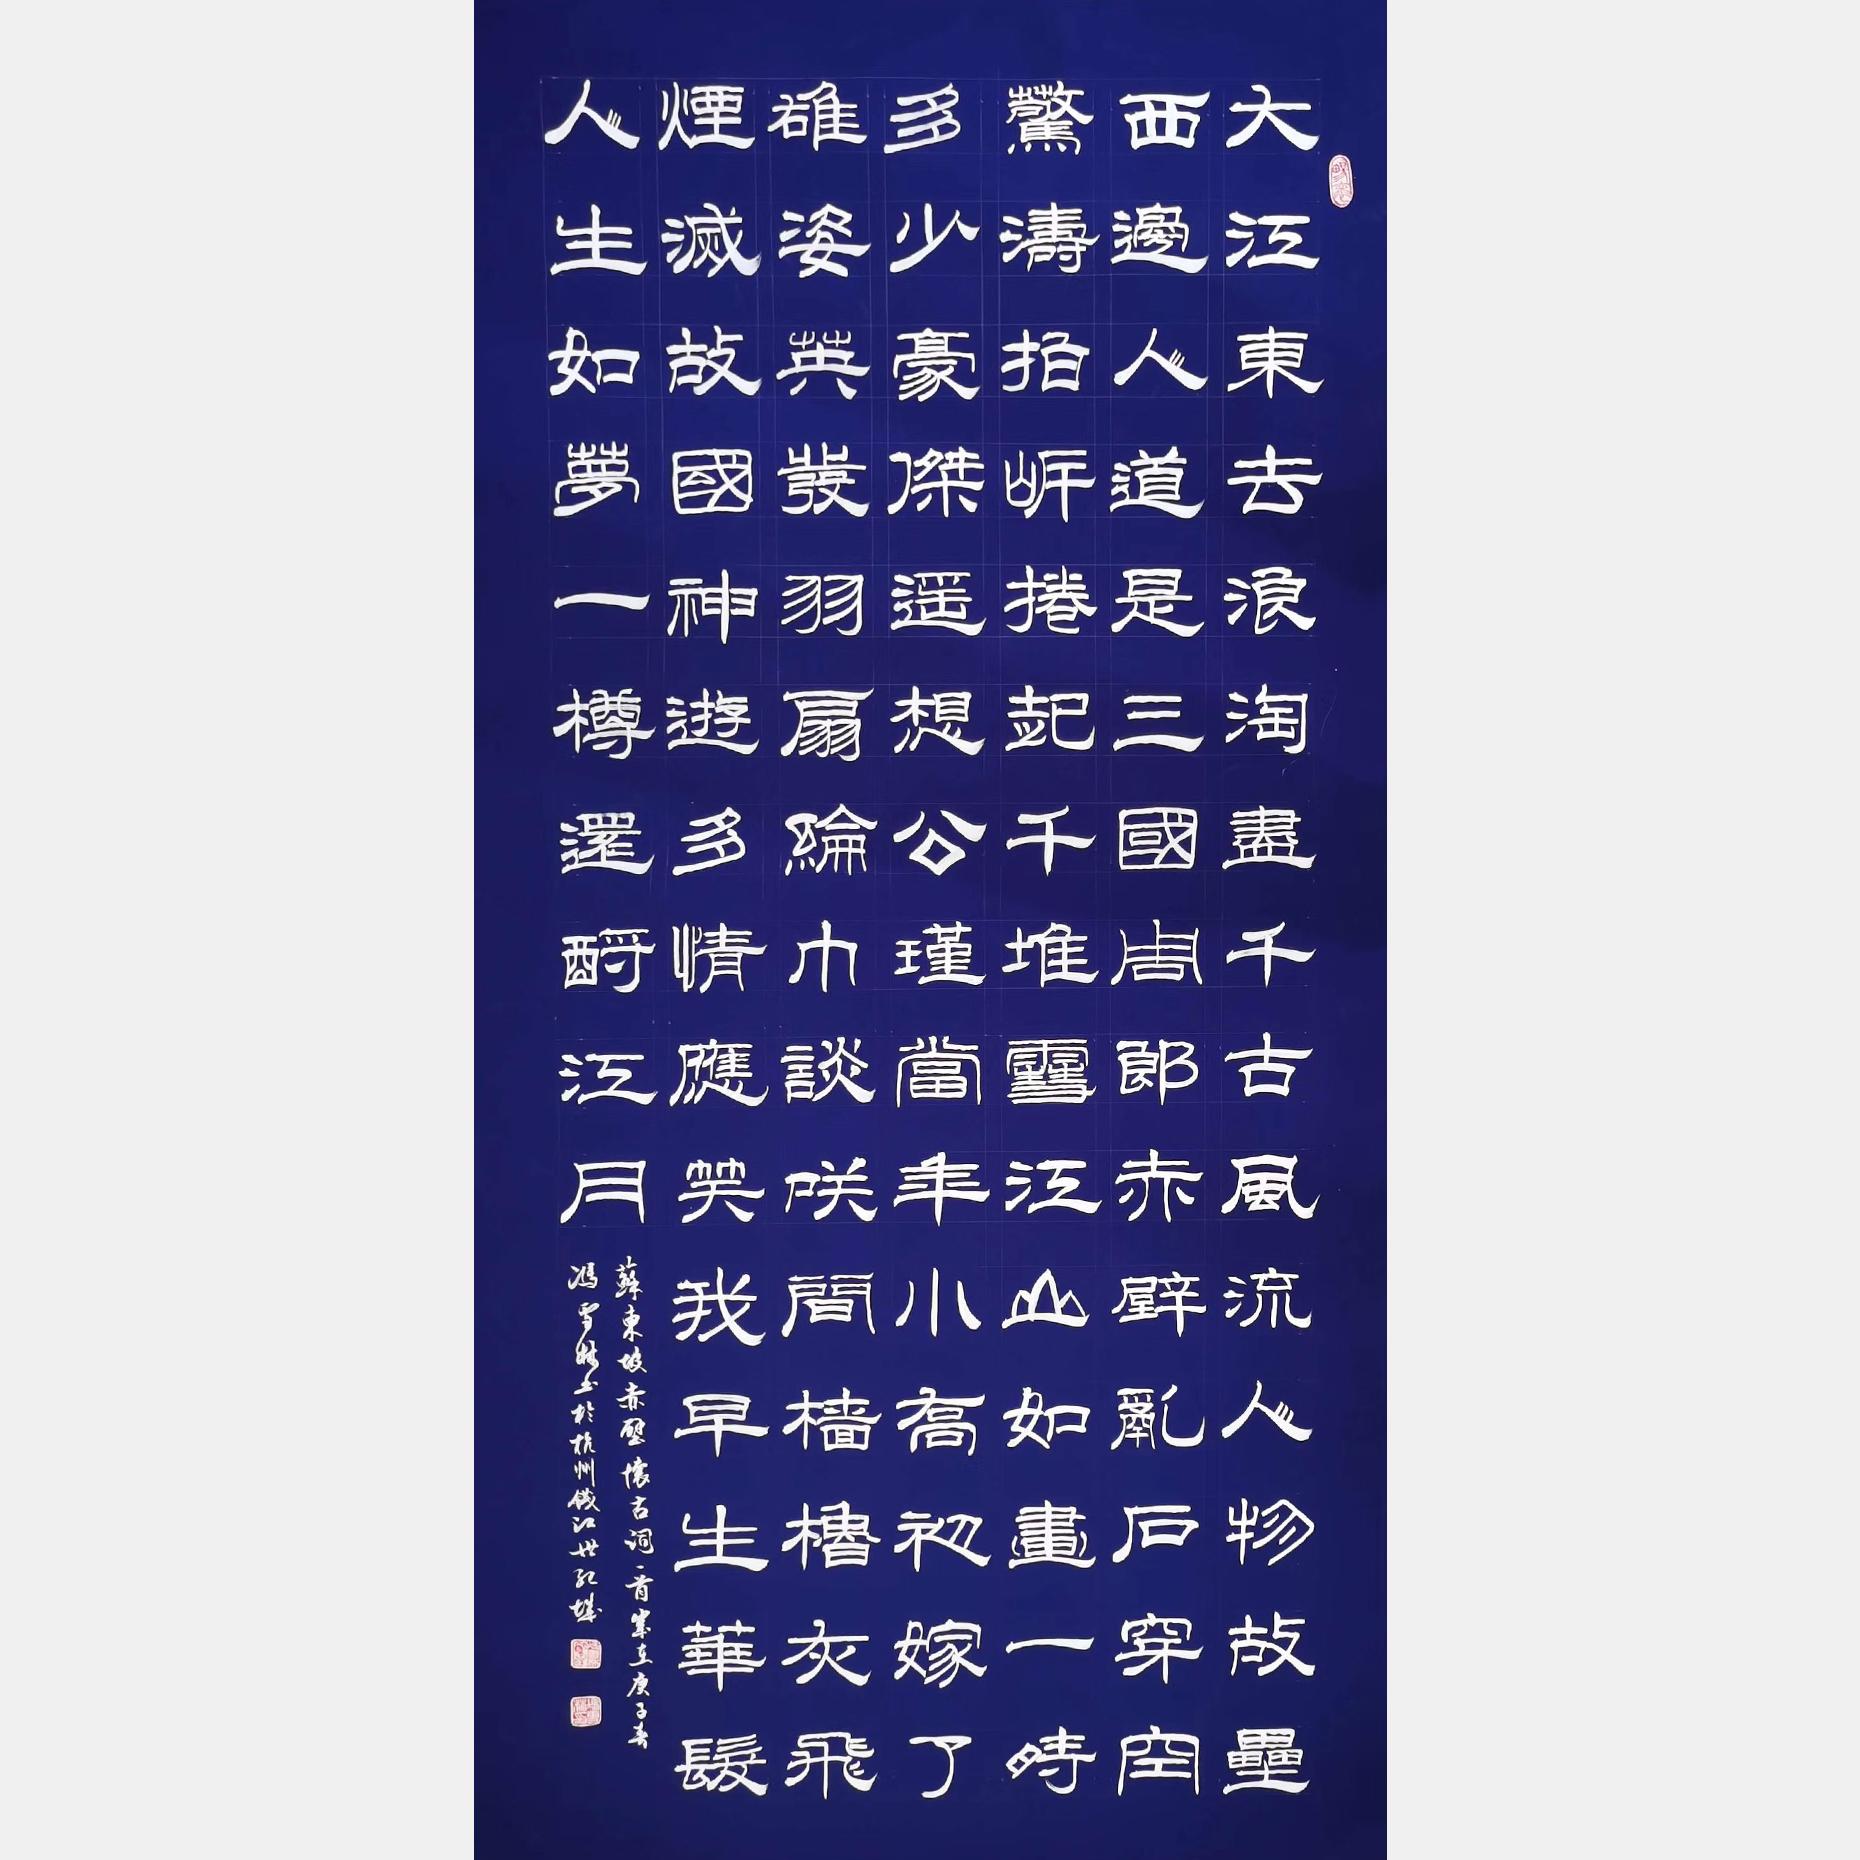 图片2:宋・苏轼《念奴娇・赤壁怀古》隶书书法作品 大江东去书法作品欣赏 万年蓝